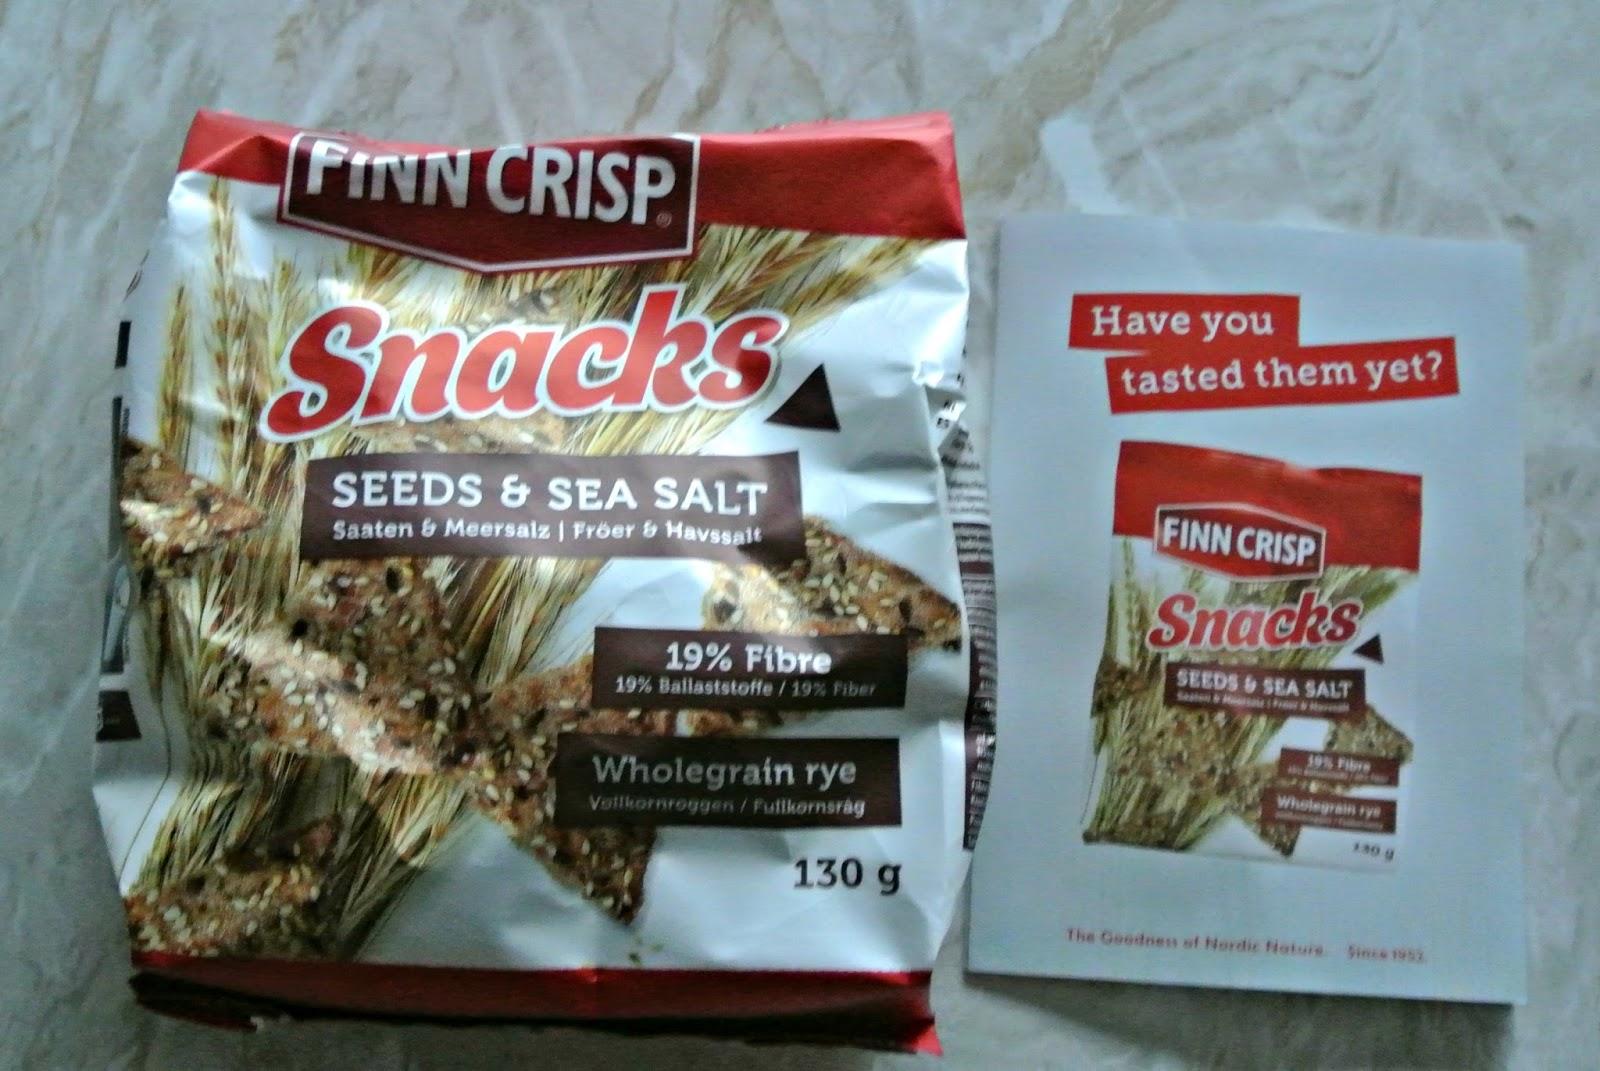 Finn Crisp Snacks in seeds and sea salt Degustabox